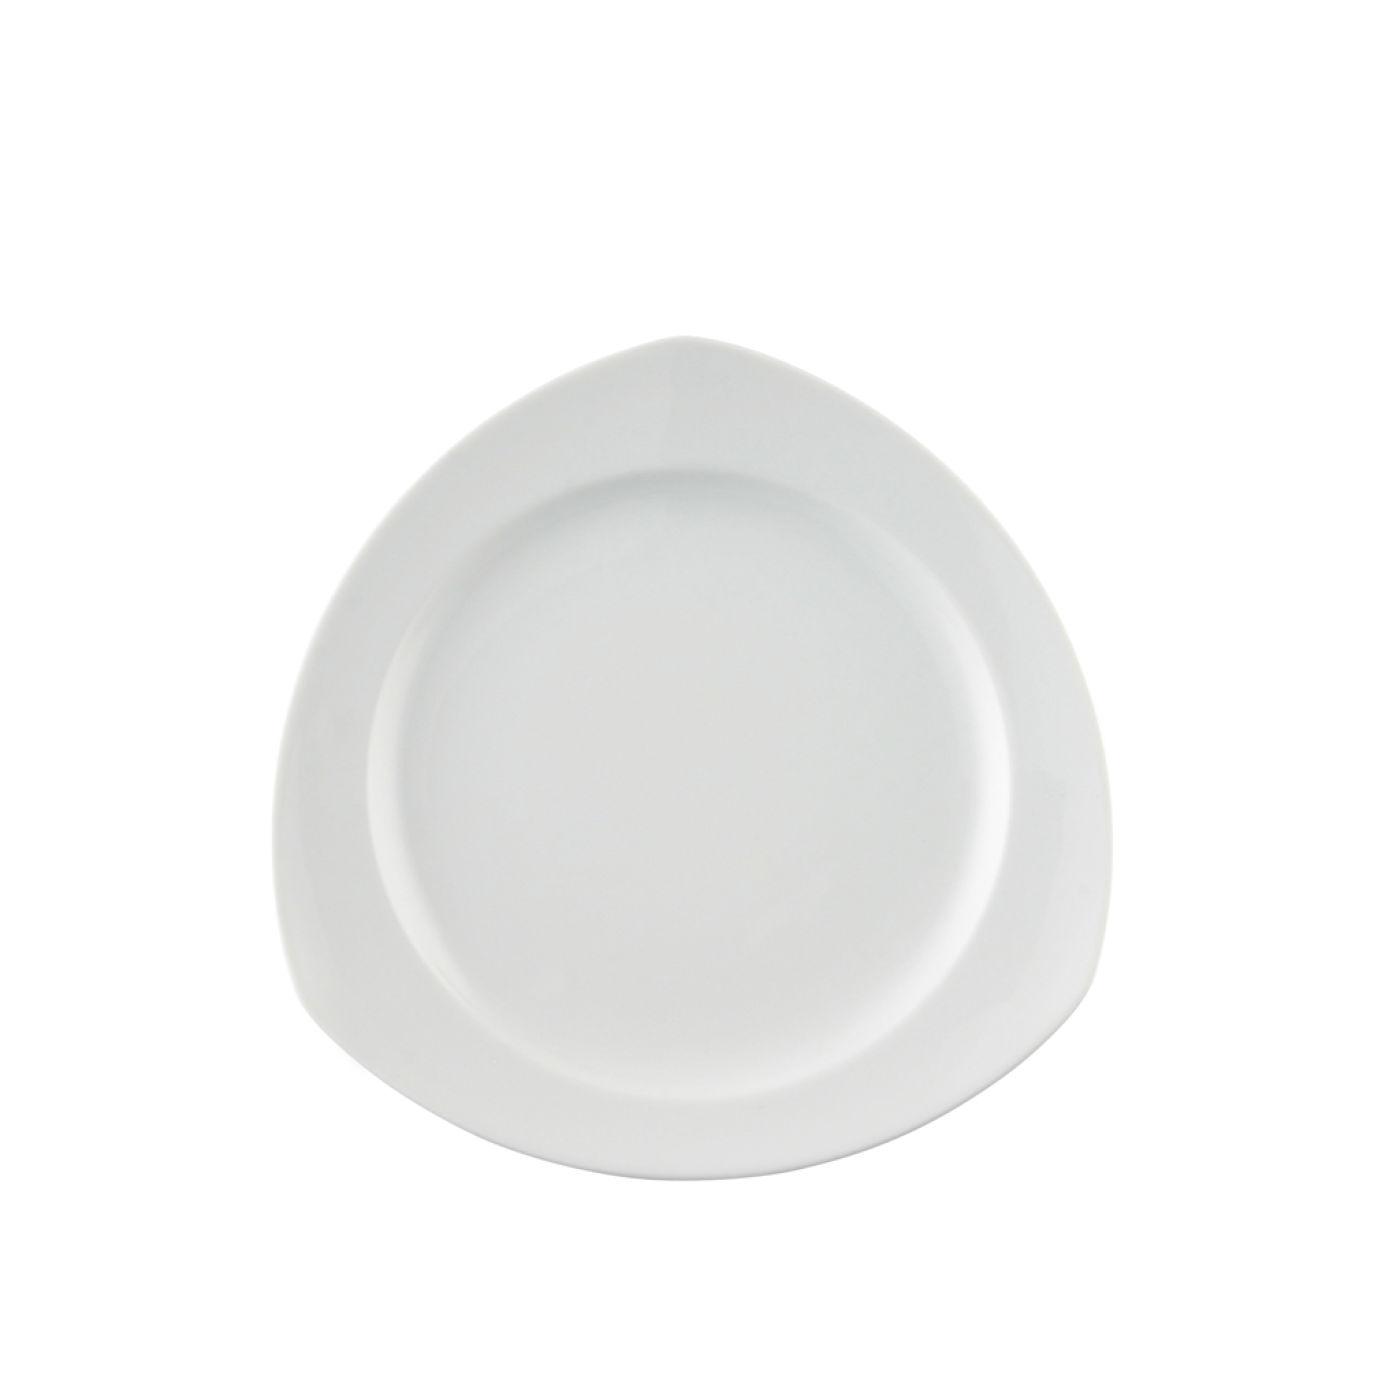 Vario Pure Frukosttallrik 22 cm